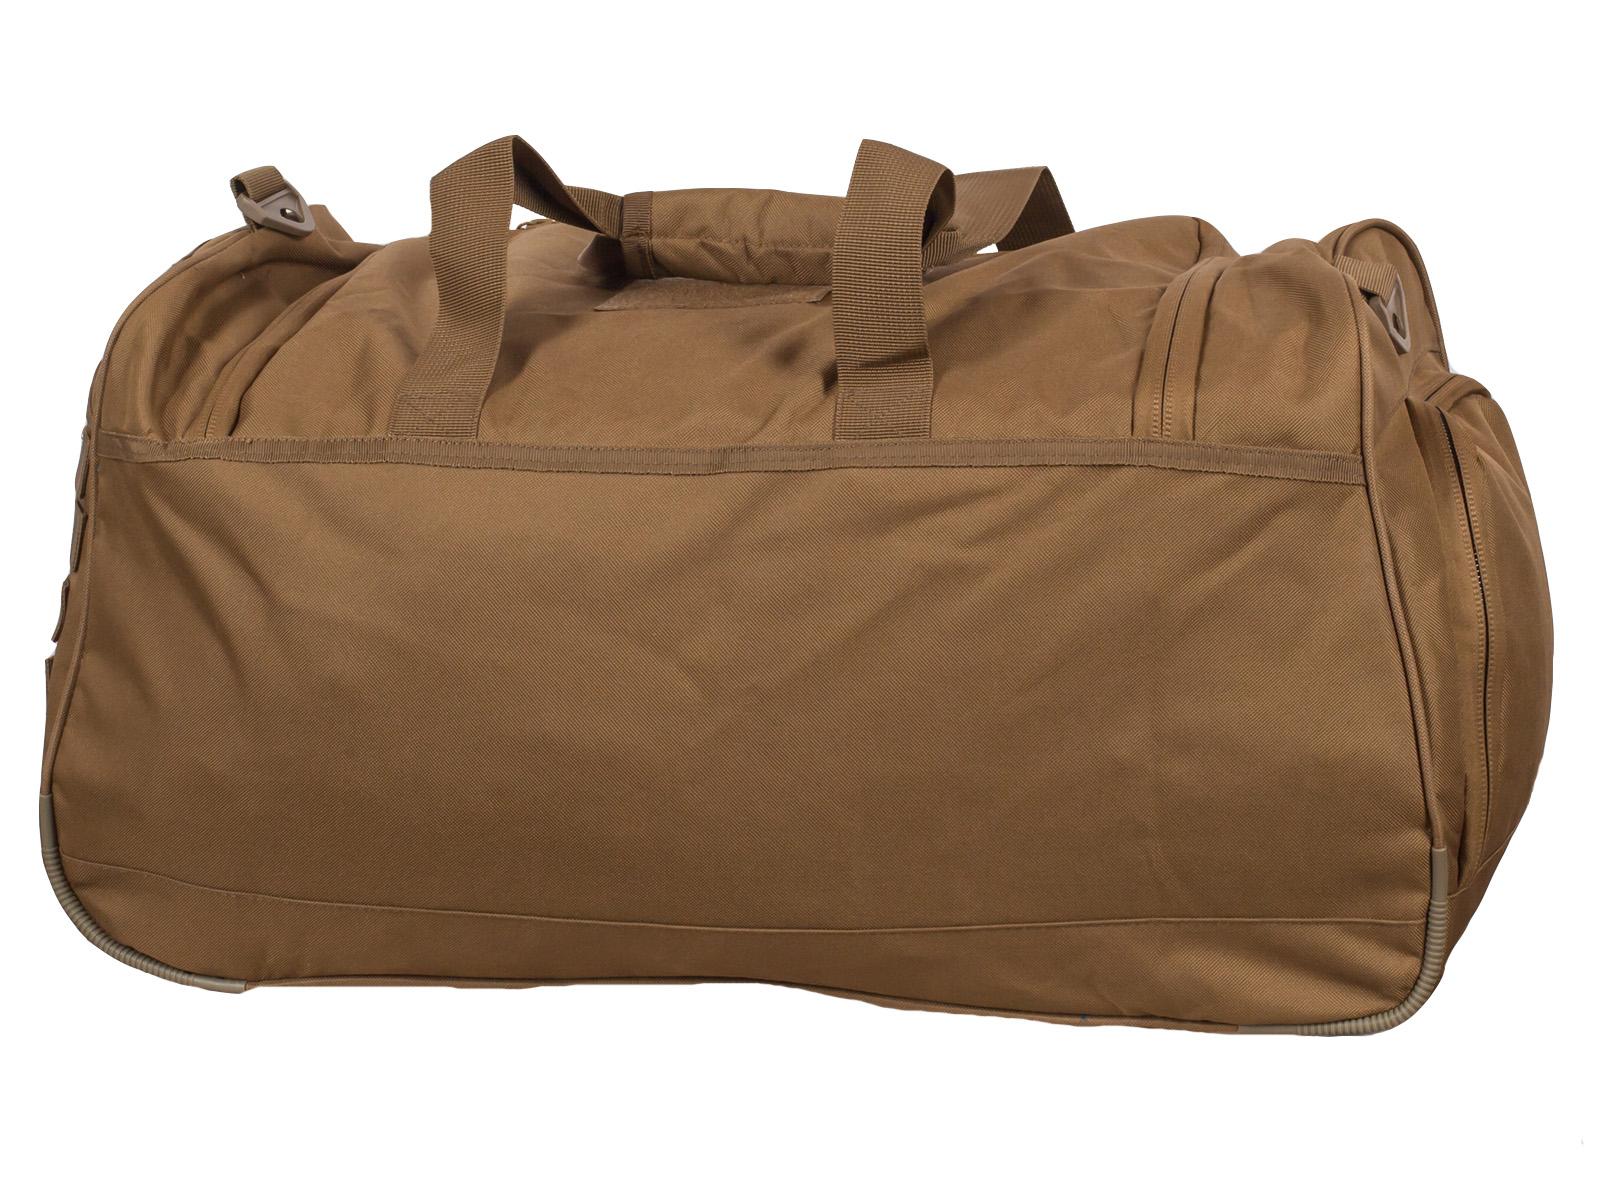 Дорожная большая сумка Погранвойска 08032B Coyote - купить выгодно